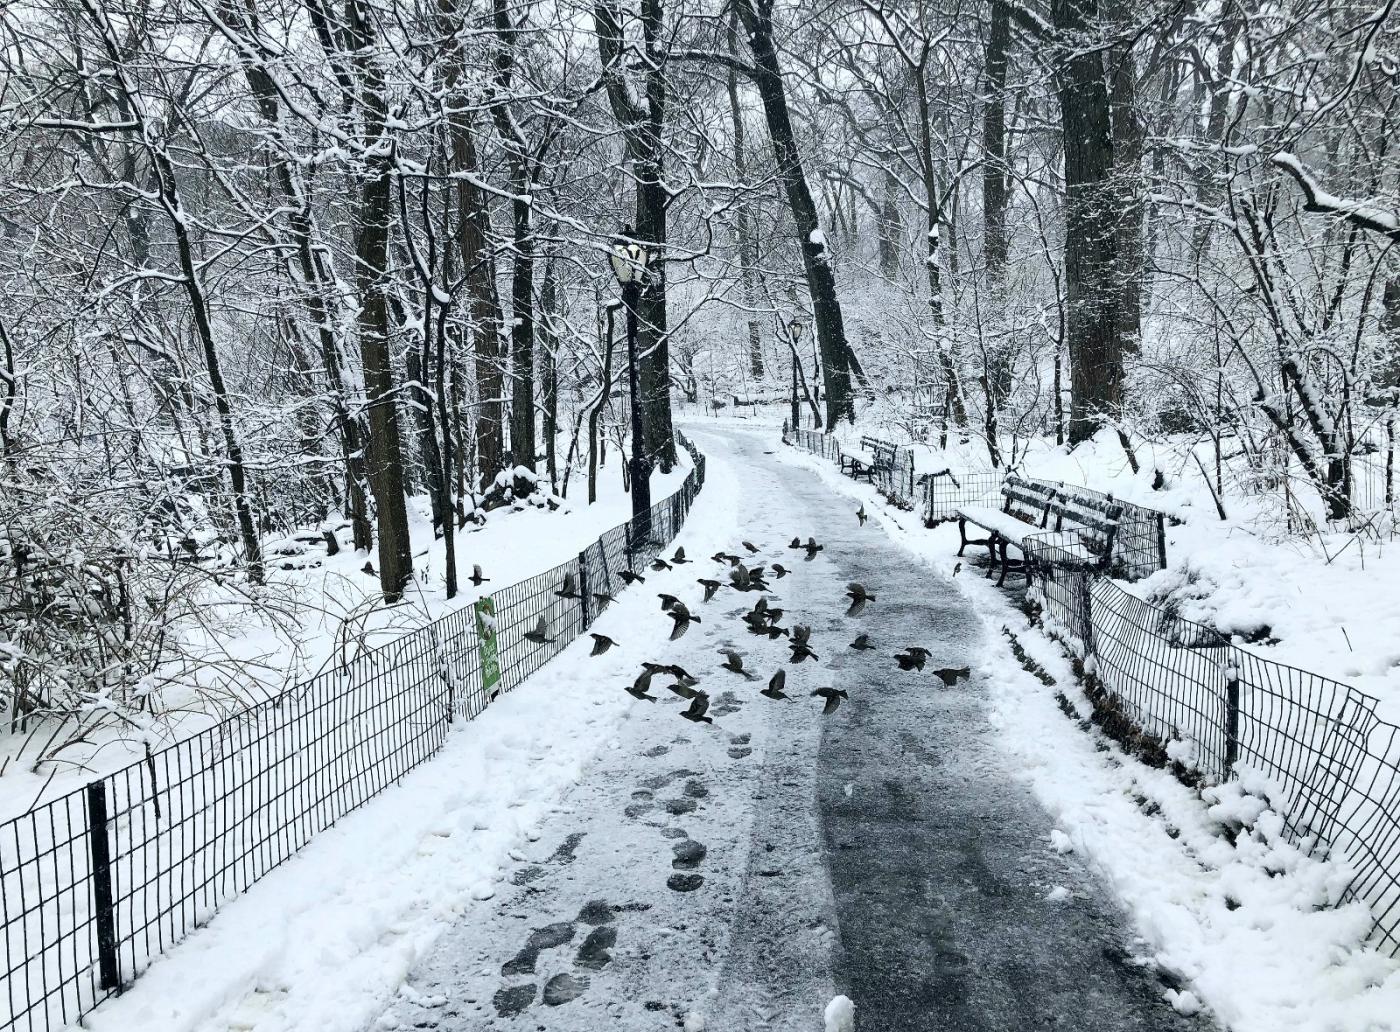 【田螺手机摄影】在纽约市拍雪景、还是中央公园最漂亮_图1-23